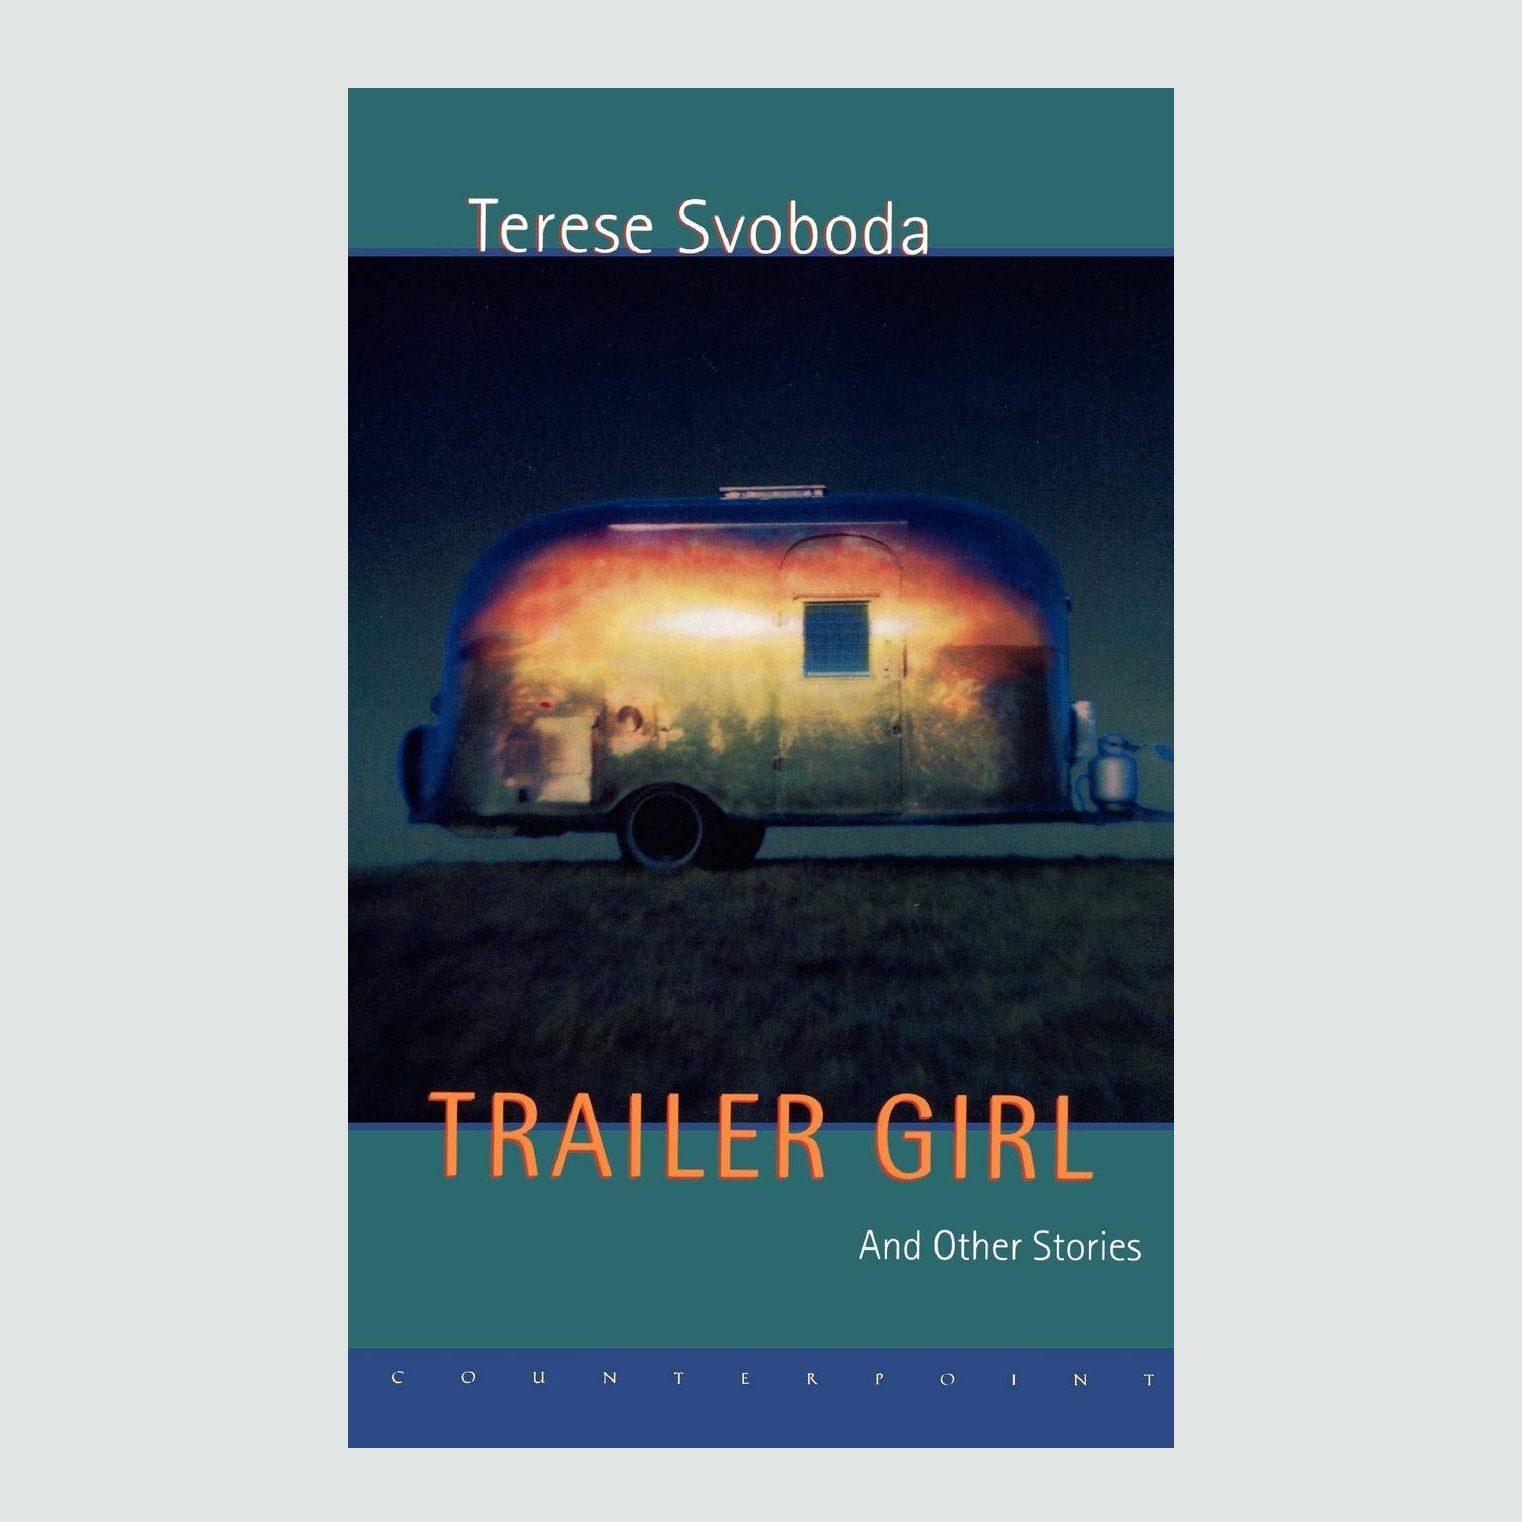 Terese Svoboda author